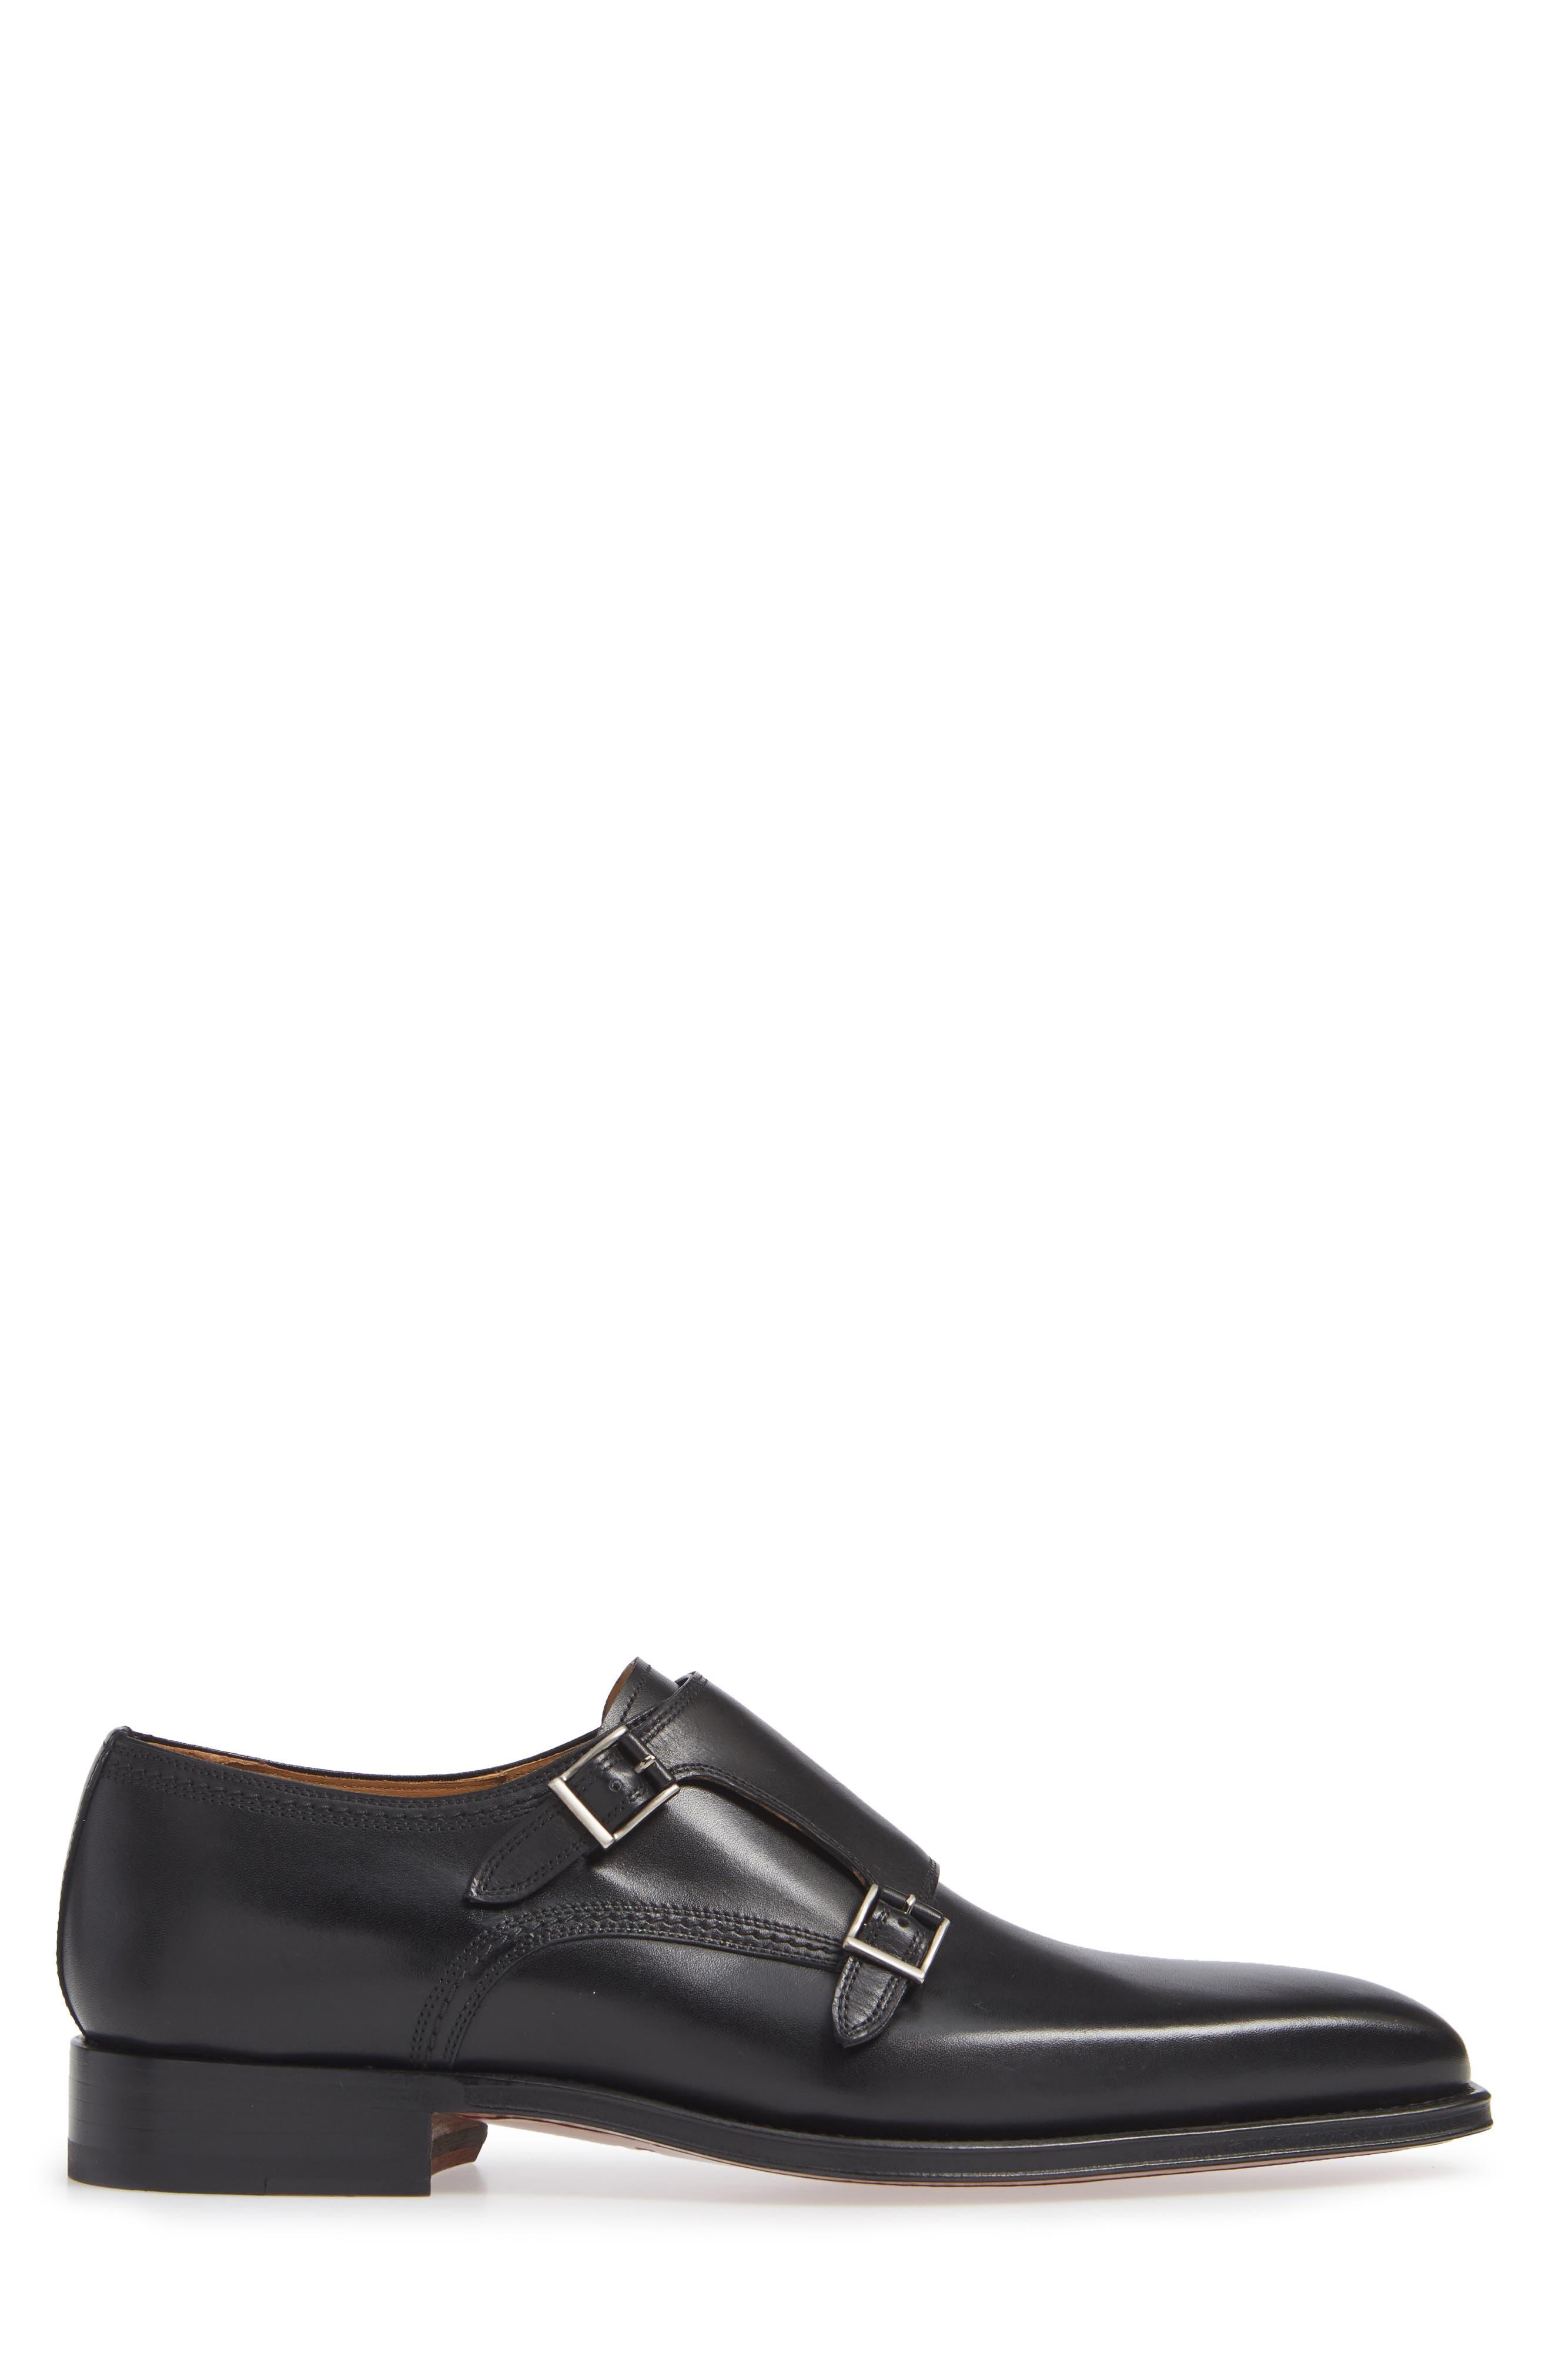 Landon Double Strap Monk Shoe,                             Alternate thumbnail 3, color,                             BLACK LEATHER